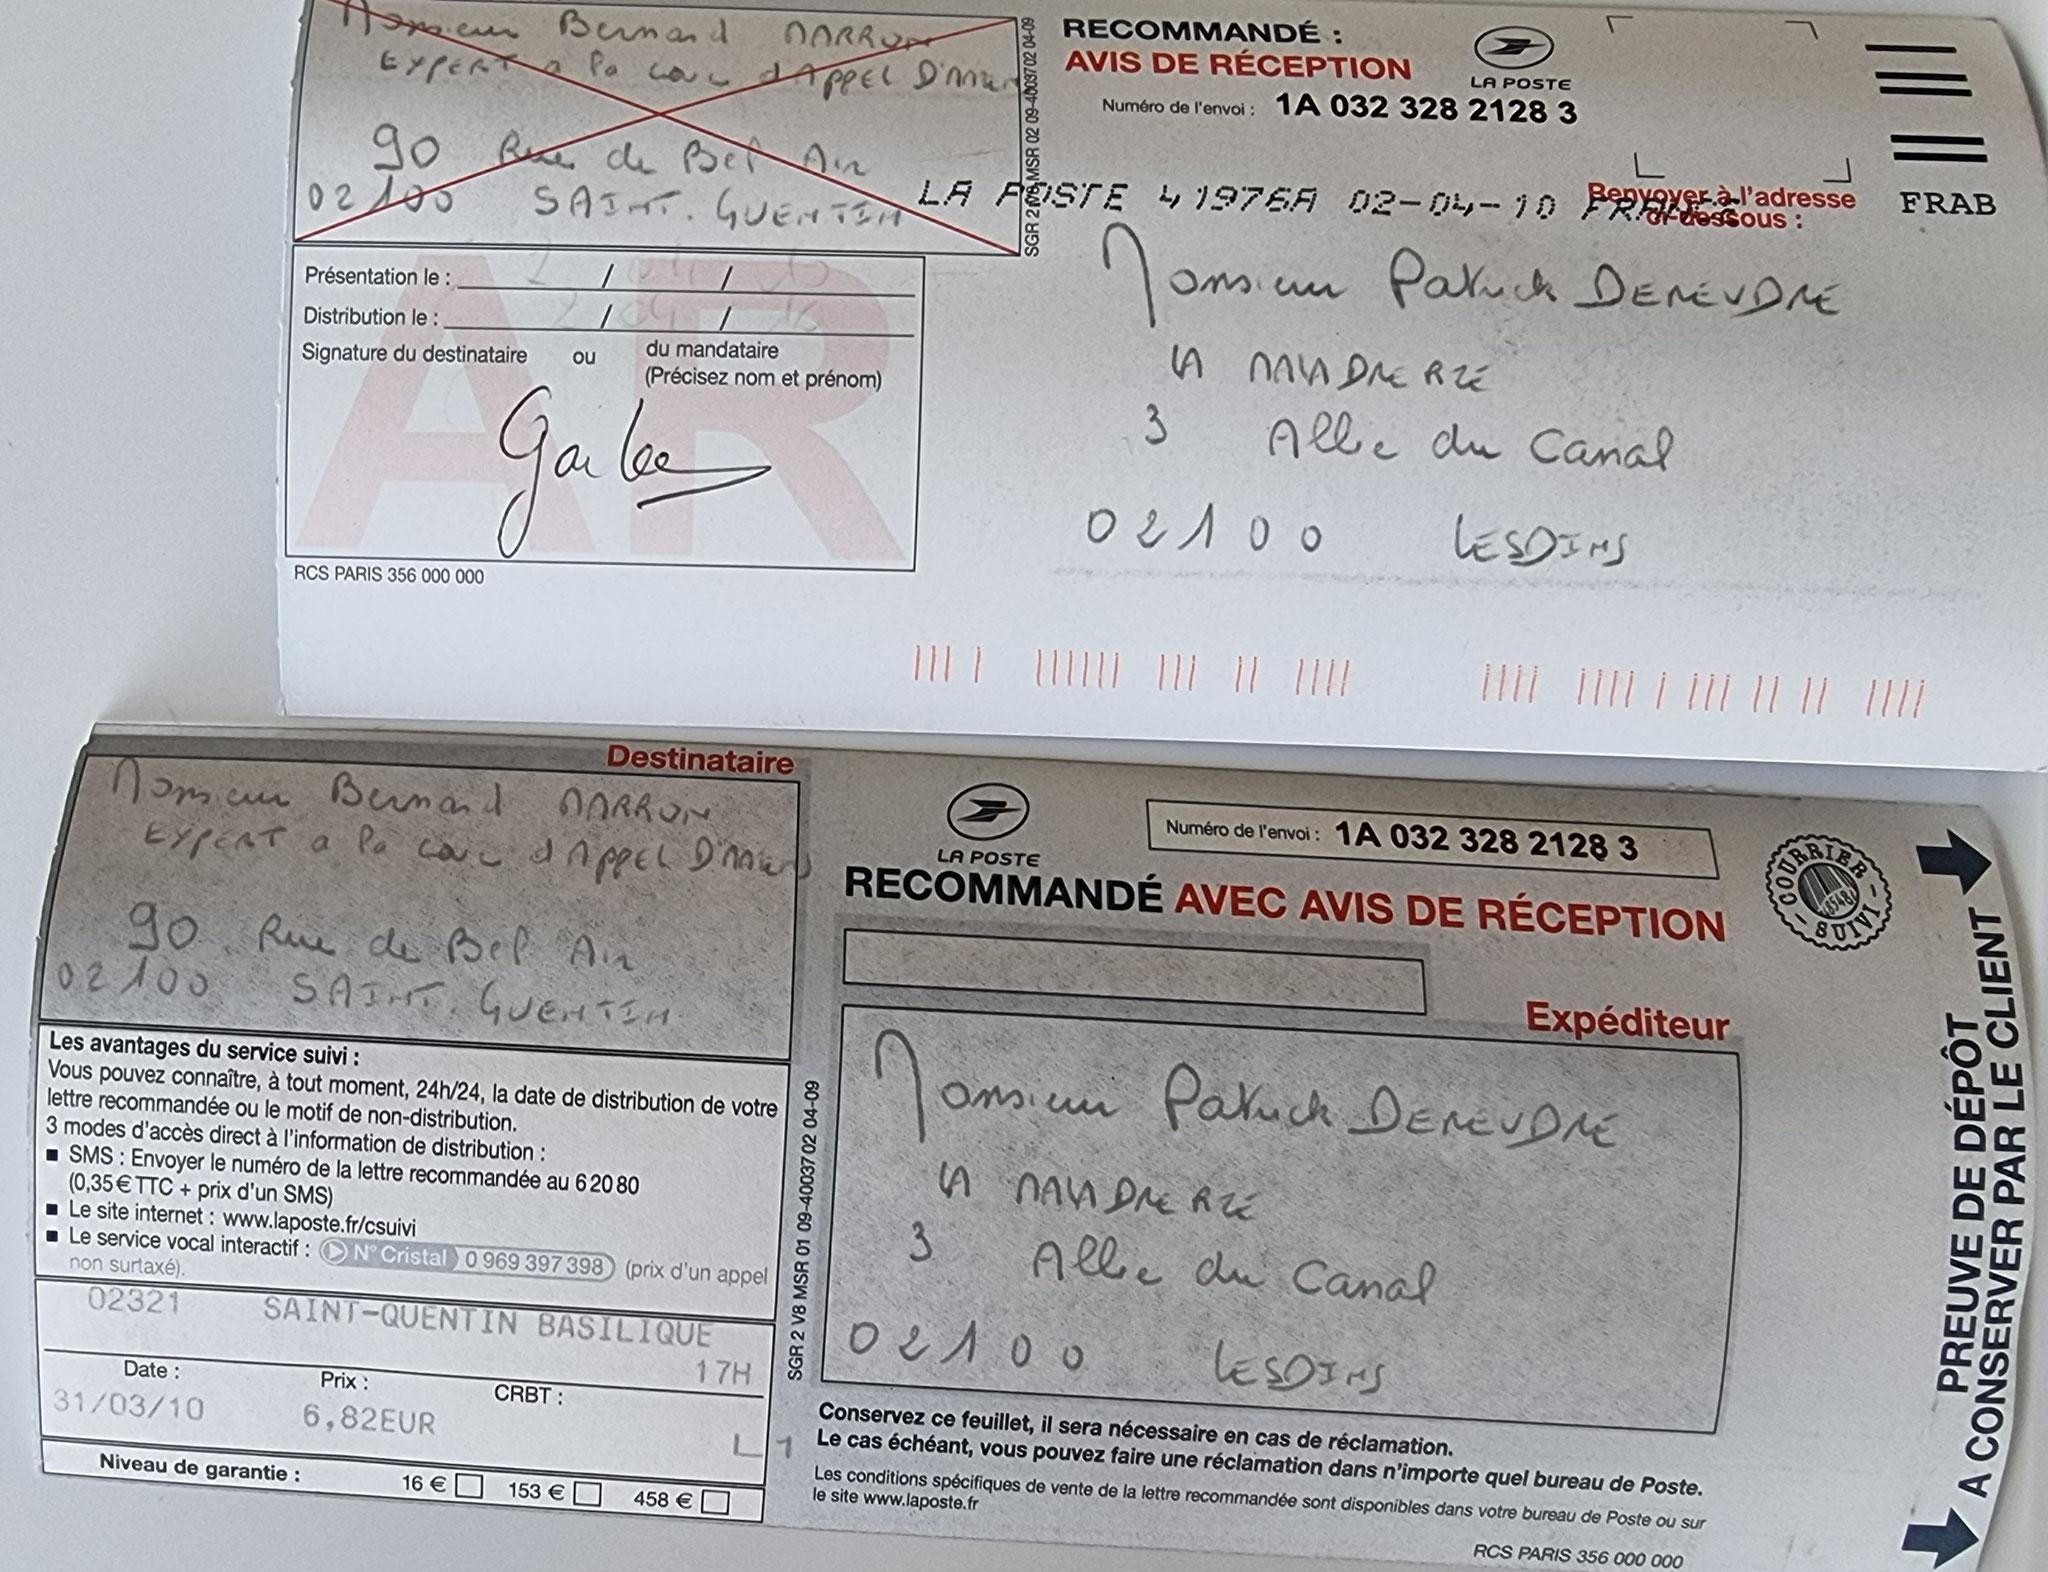 Le 31 Mars 2010 j'adresse une LRAR à Monsieur Bernard MARRON Expert Judiciaire auprès de la Cour d'Appel d'Amiens une Lettre recommandée avec pièces jointes  BORDERLINE   EXPERTISES JUDICIAIRES ENTRE COPAINS...  www.jesuispatrick.fr